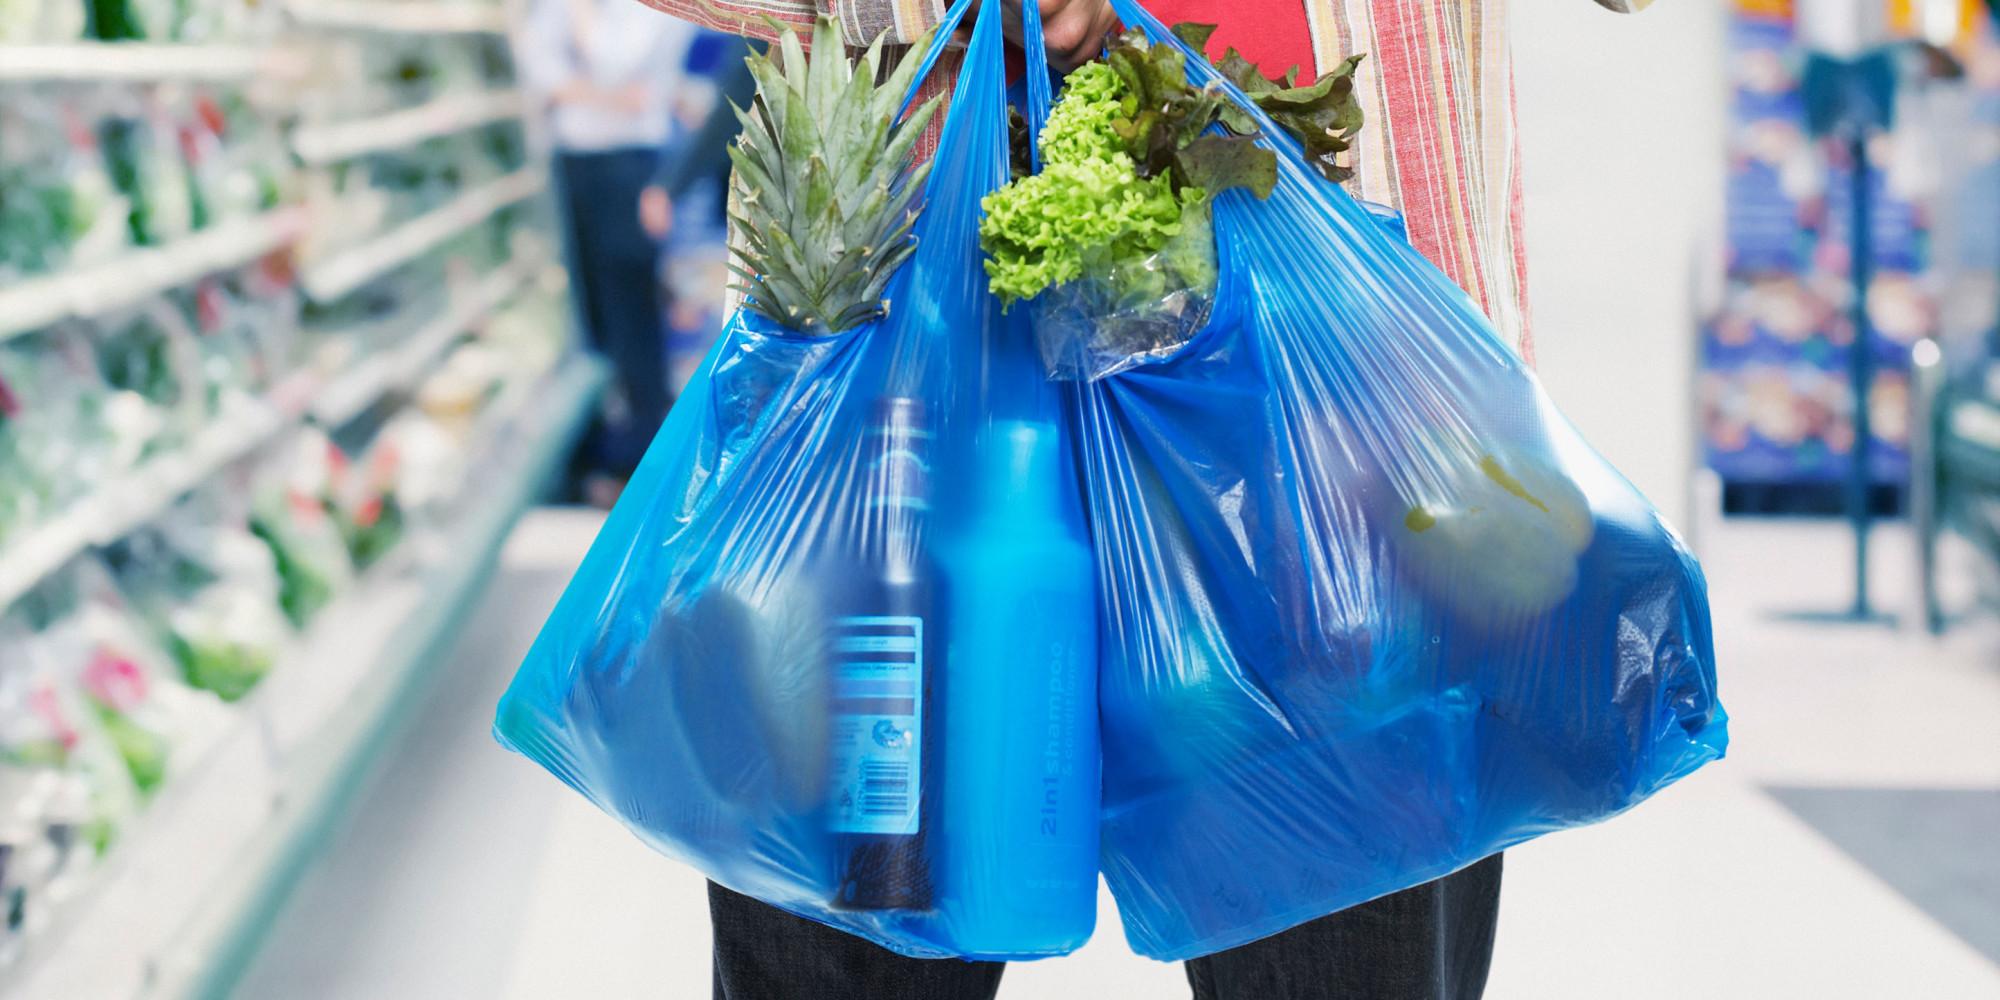 В Монако откажутся от полиэтиленовых пакетов